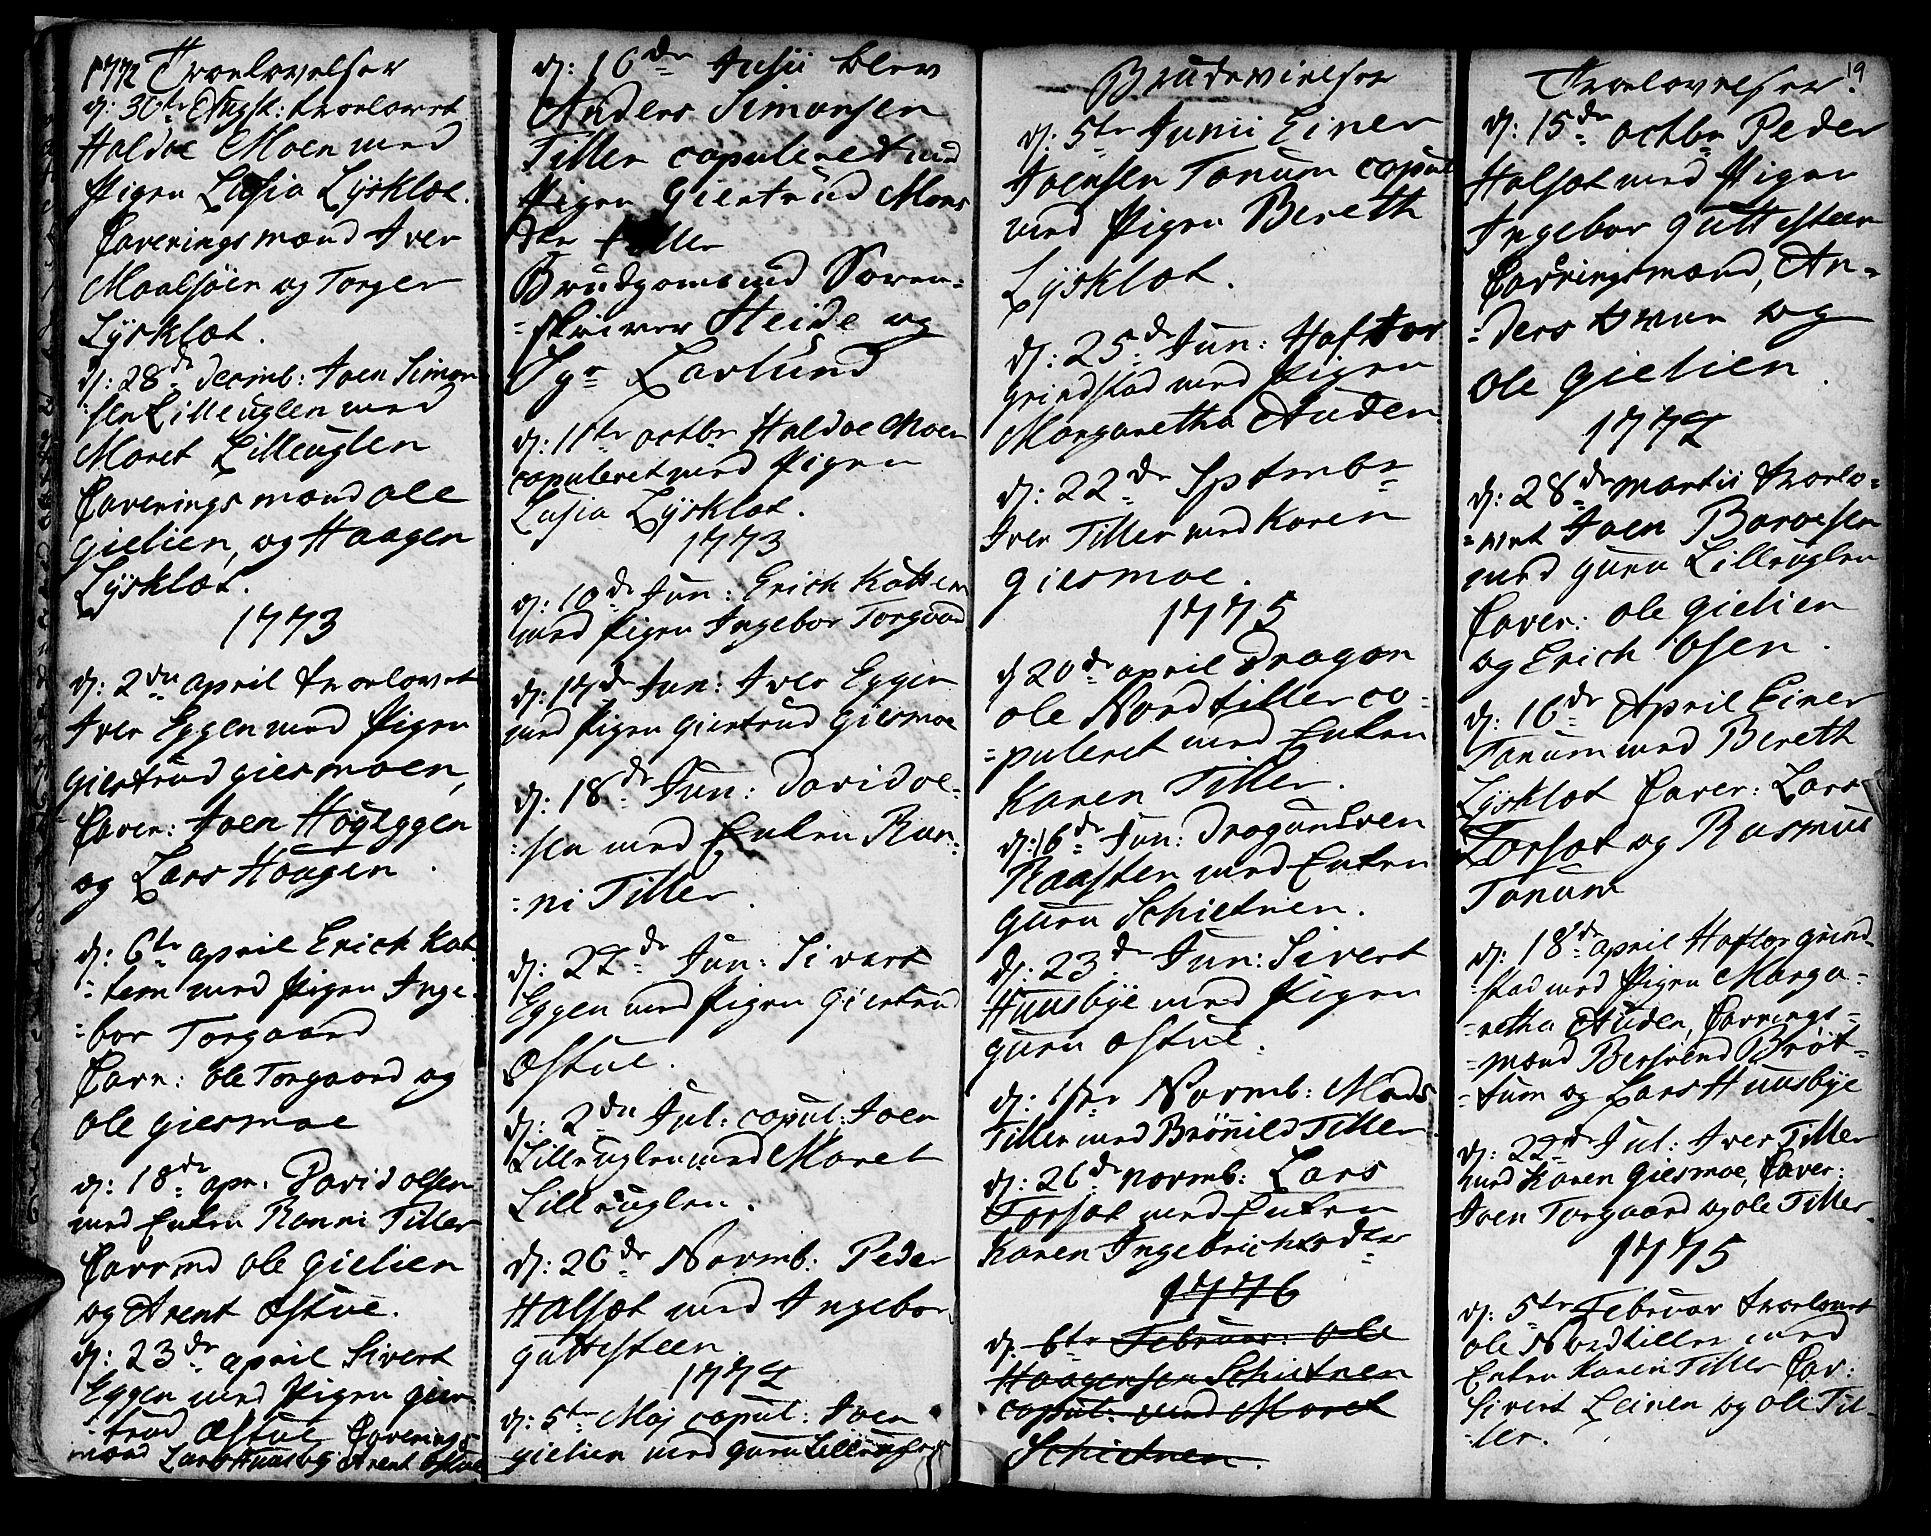 SAT, Ministerialprotokoller, klokkerbøker og fødselsregistre - Sør-Trøndelag, 618/L0437: Ministerialbok nr. 618A02, 1749-1782, s. 19